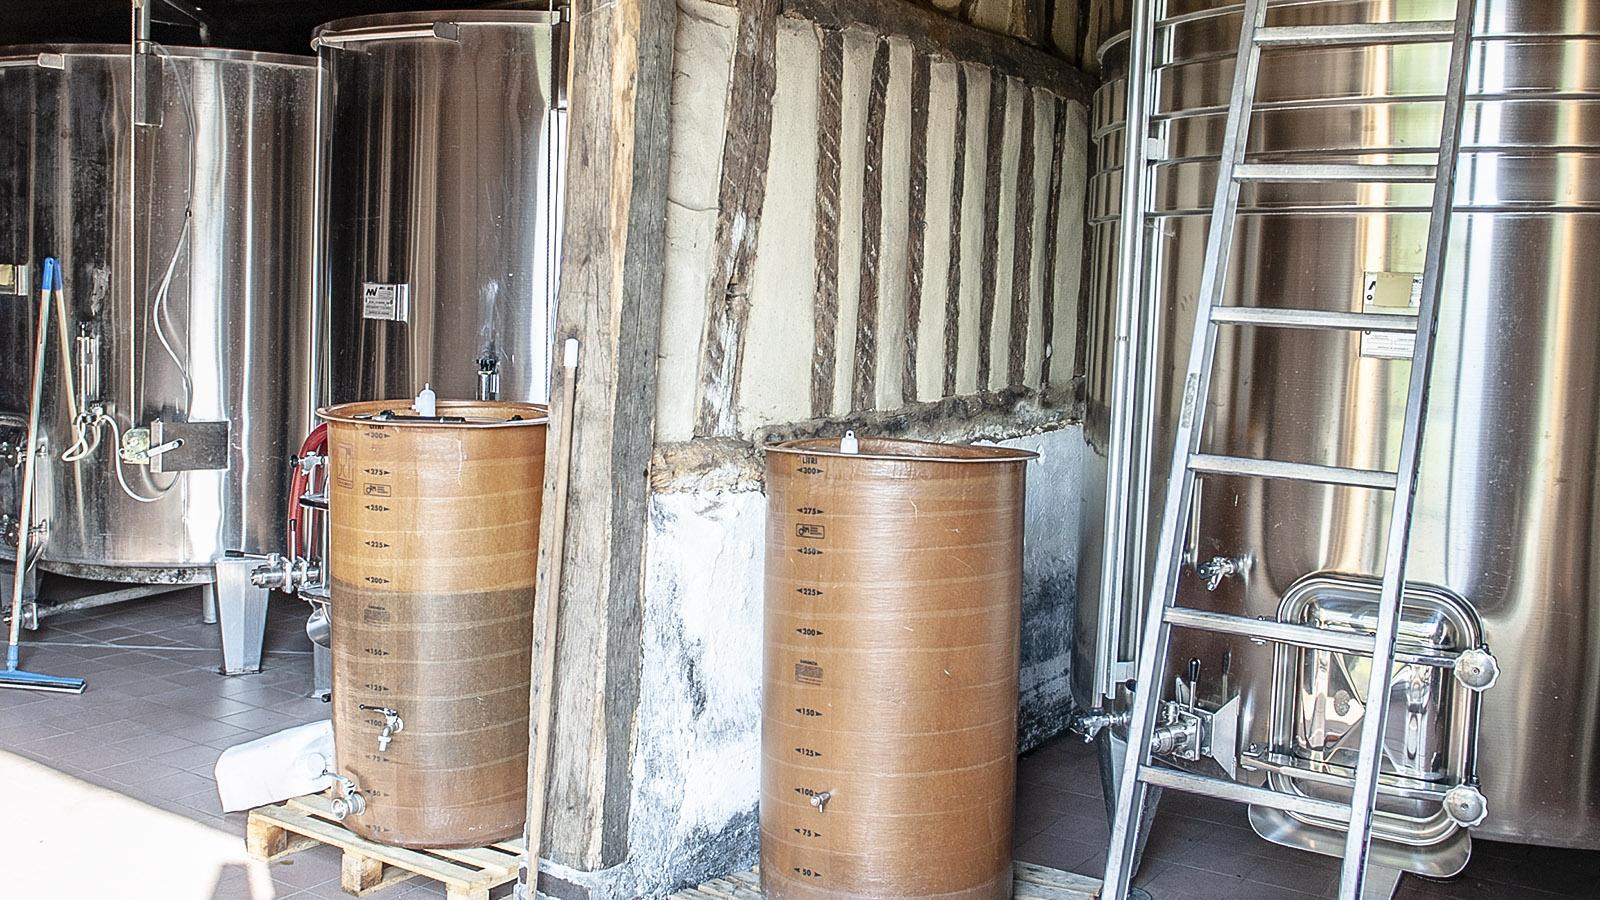 Cidre-Herstellung: In Edelstahlfässern gärt der Apfelmost. Foto: Hilke Maunder